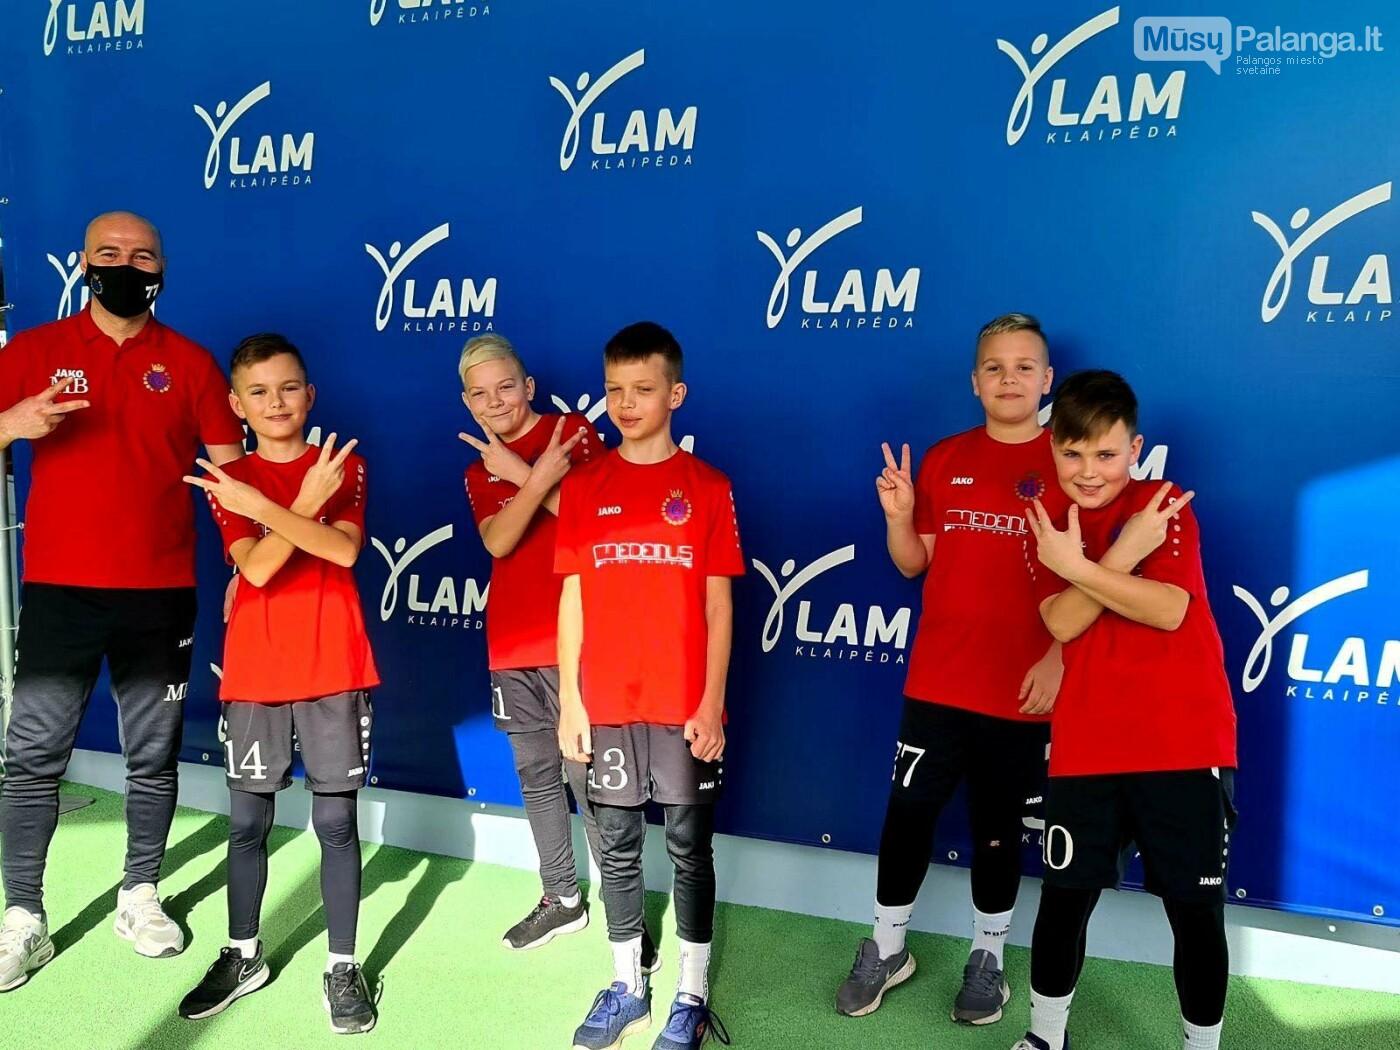 """Futbolo akademija """"Gintaras"""" pradeda bendradarbiavimą ir partnerystę su """"Dubey kineziterapija ir sportas"""" organizacija, nuotrauka-2"""